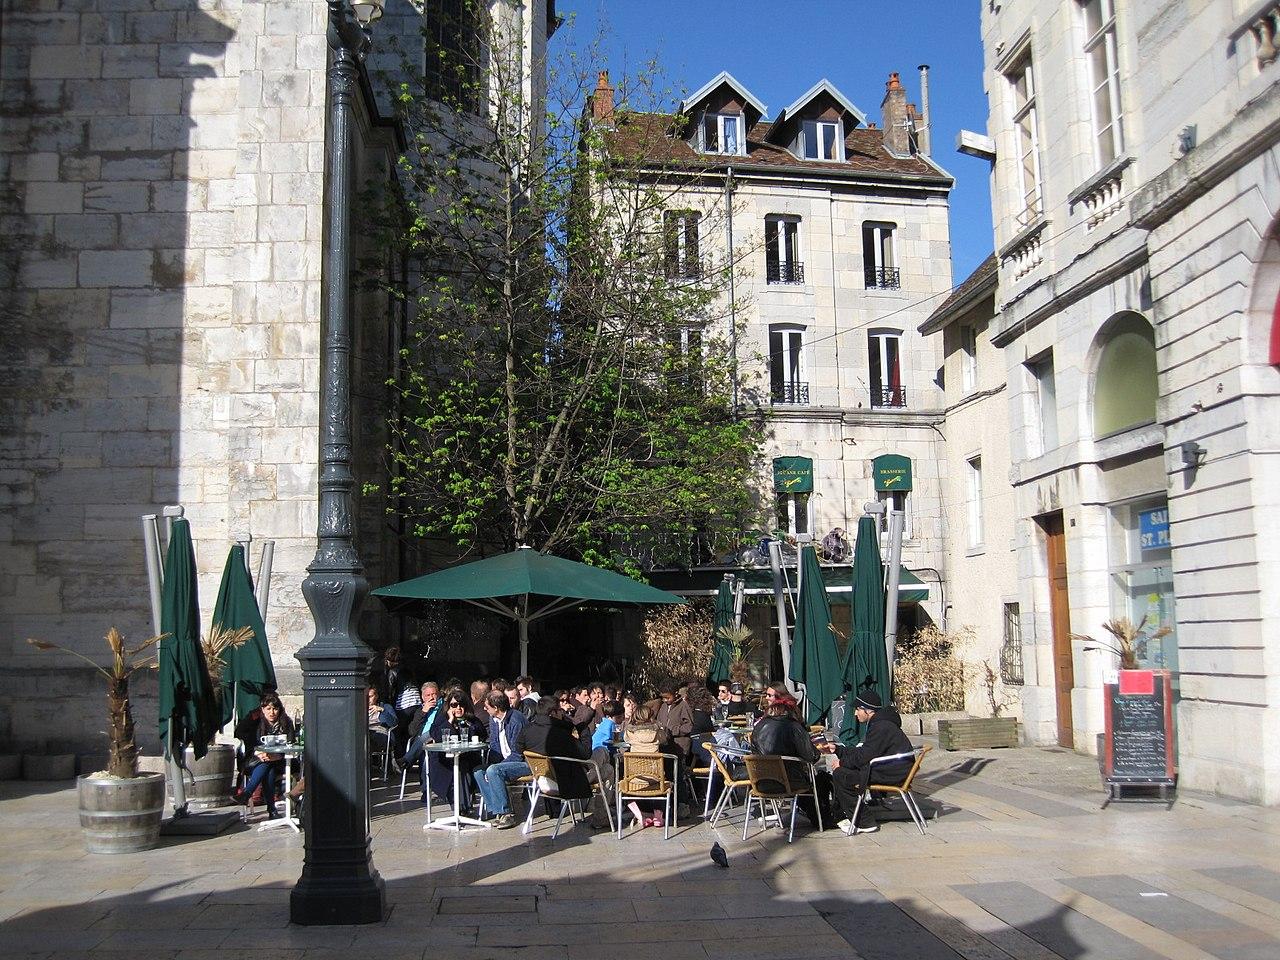 Restaurant Besancon Qui Font Les Revillon De Nouvel An